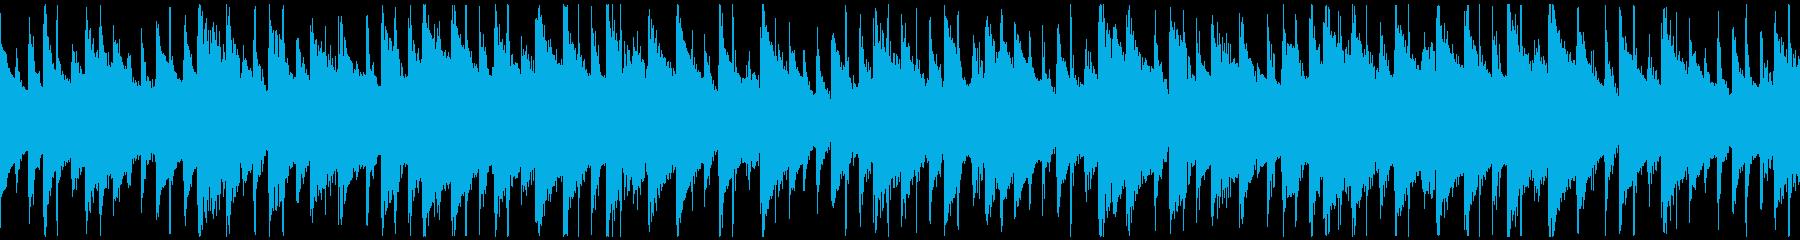 平和な雰囲気のBGM(ループ)の再生済みの波形